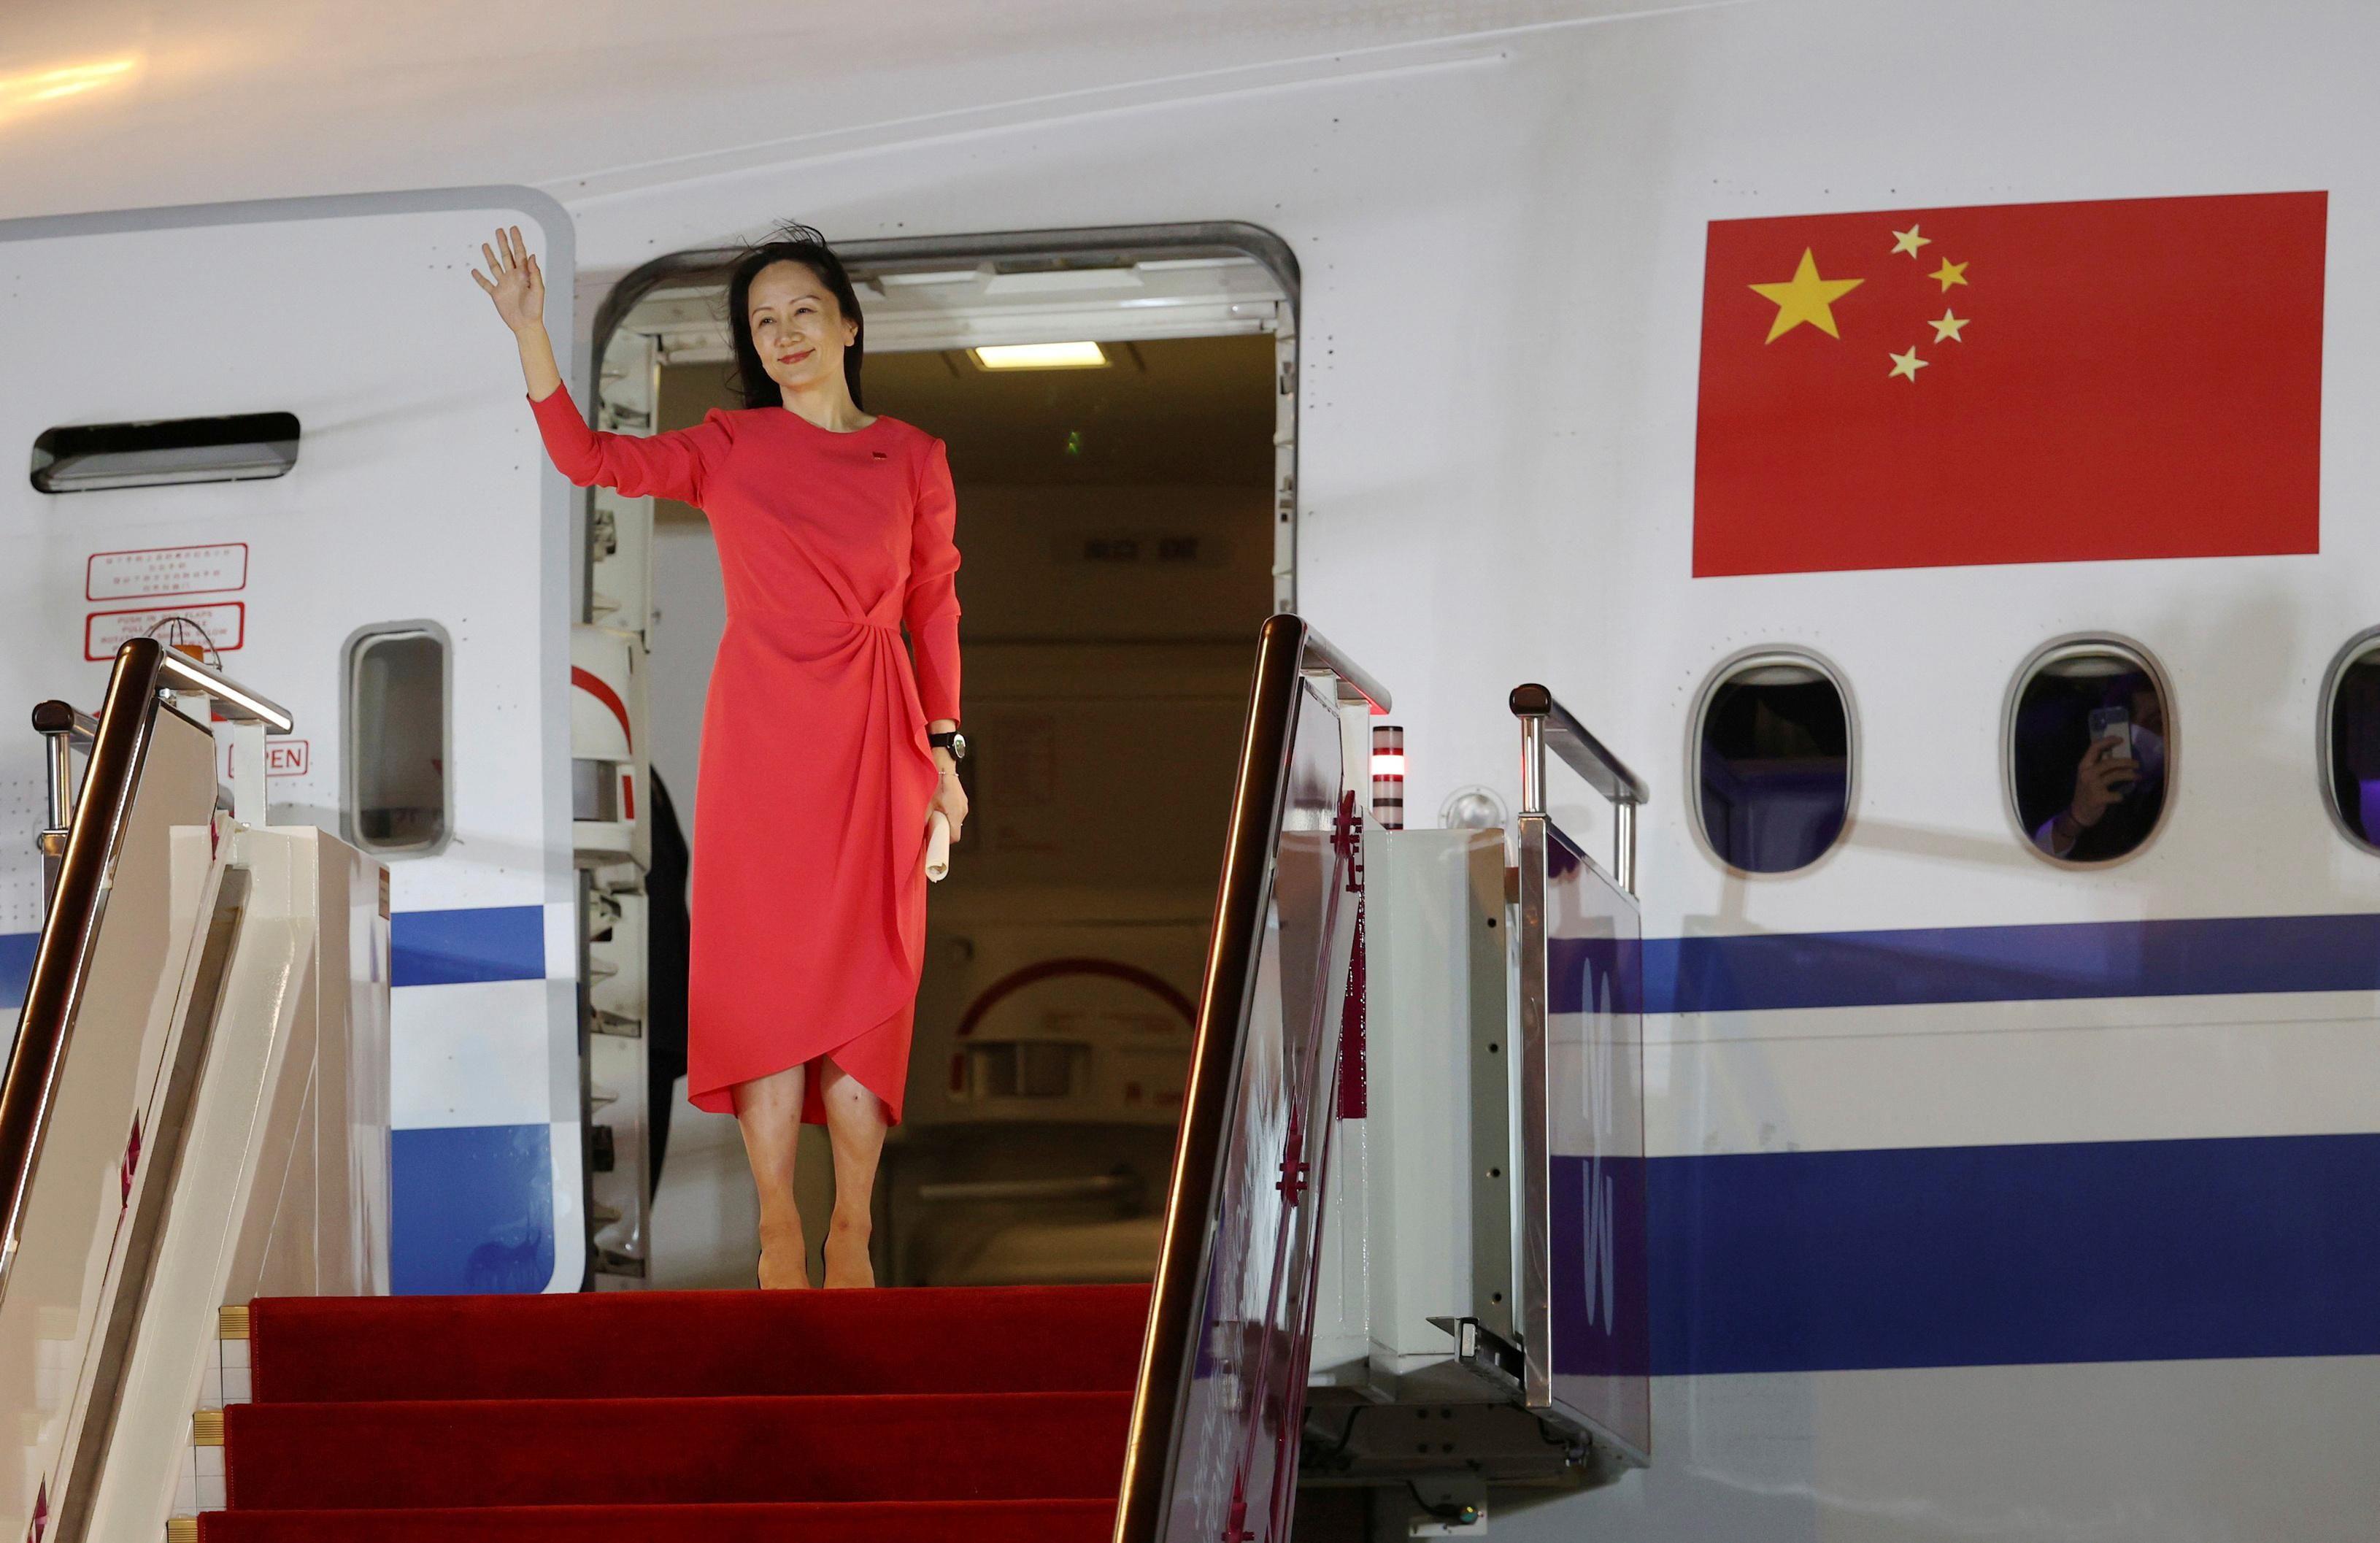 Meng Wanzhou, Chief Financial Officer of Huawei